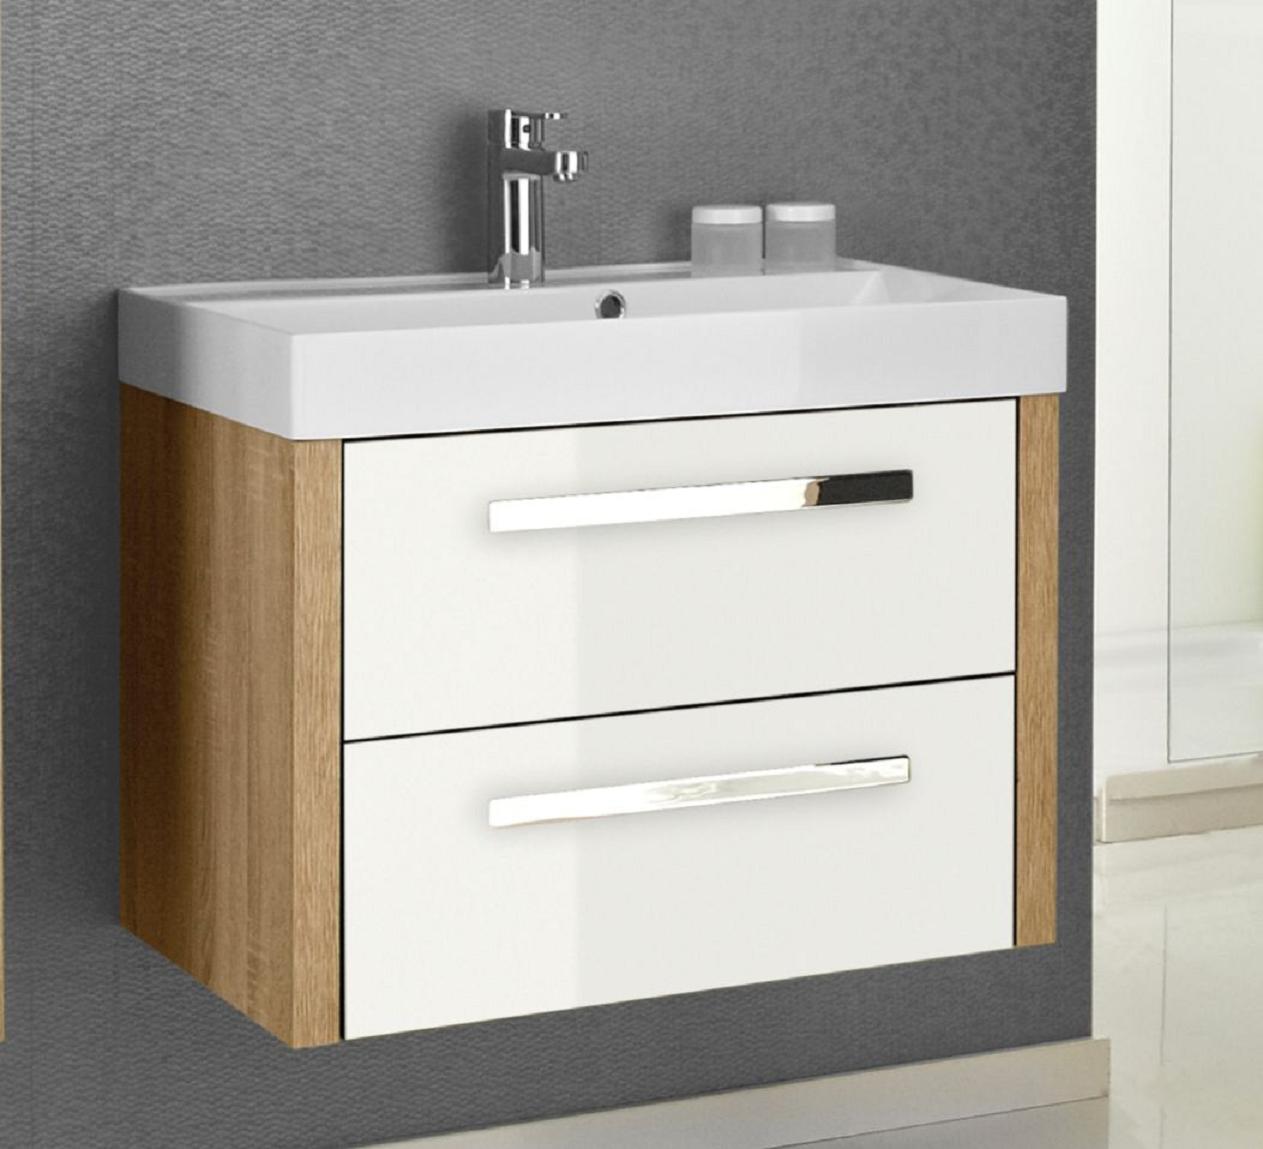 schuhbank 70 cm breit schuhbank malias in wei 80 cm breit robuste schuhbank aus holz. Black Bedroom Furniture Sets. Home Design Ideas